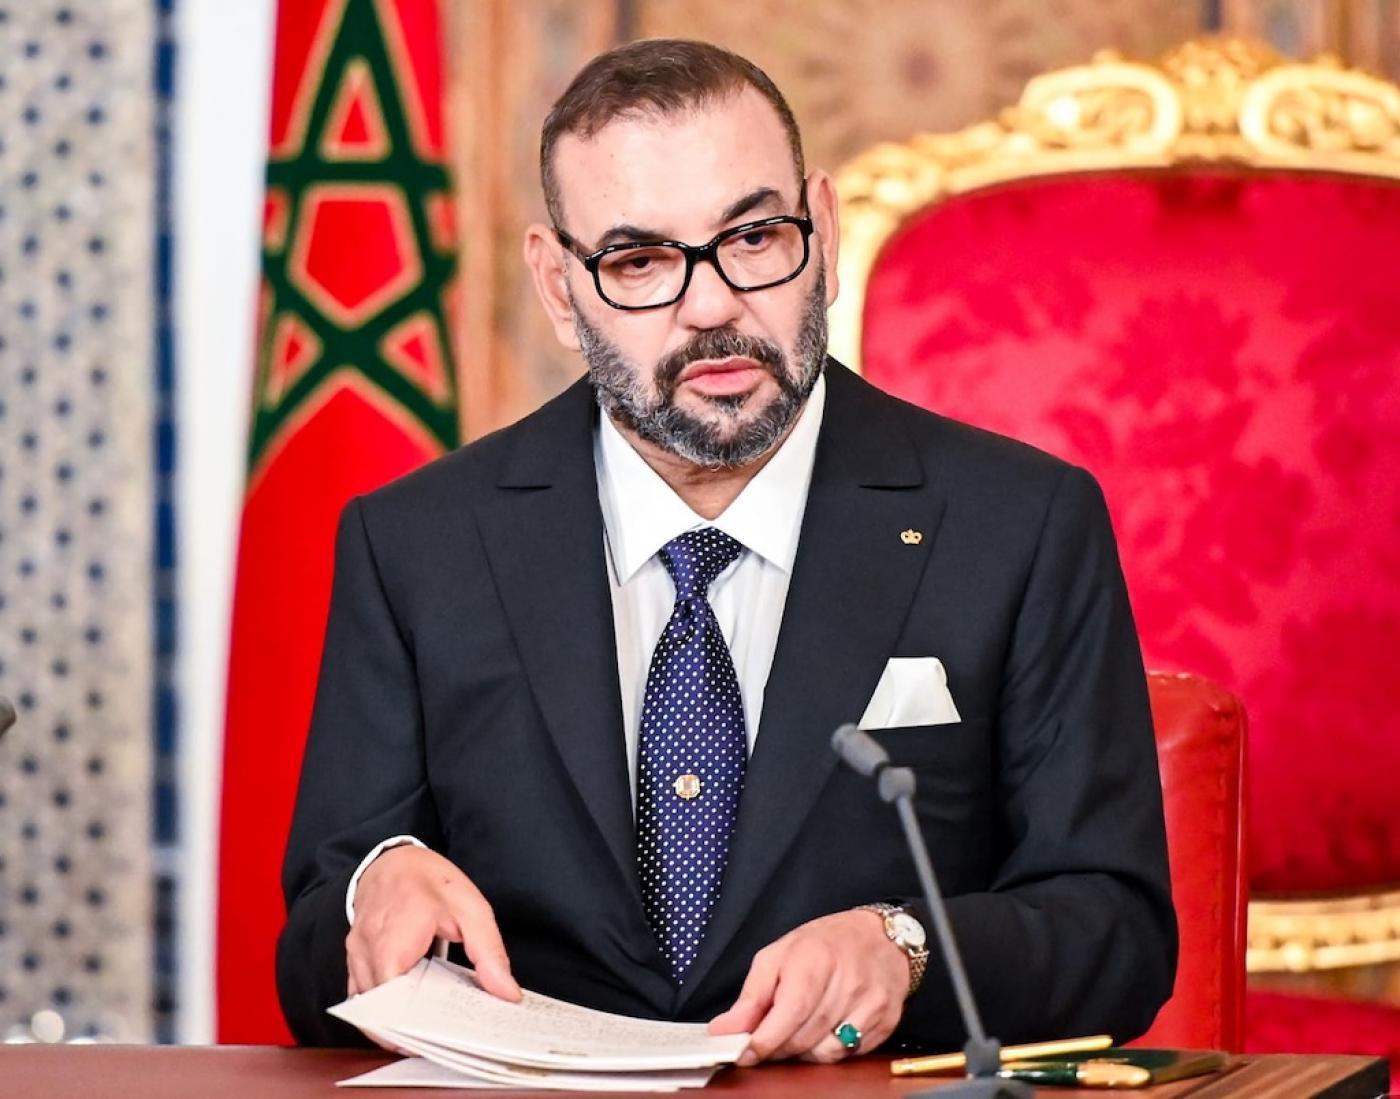 Maroc: Mohammed VI déplore les tensions avec l'Algérie et appelle à la réouverture des frontières